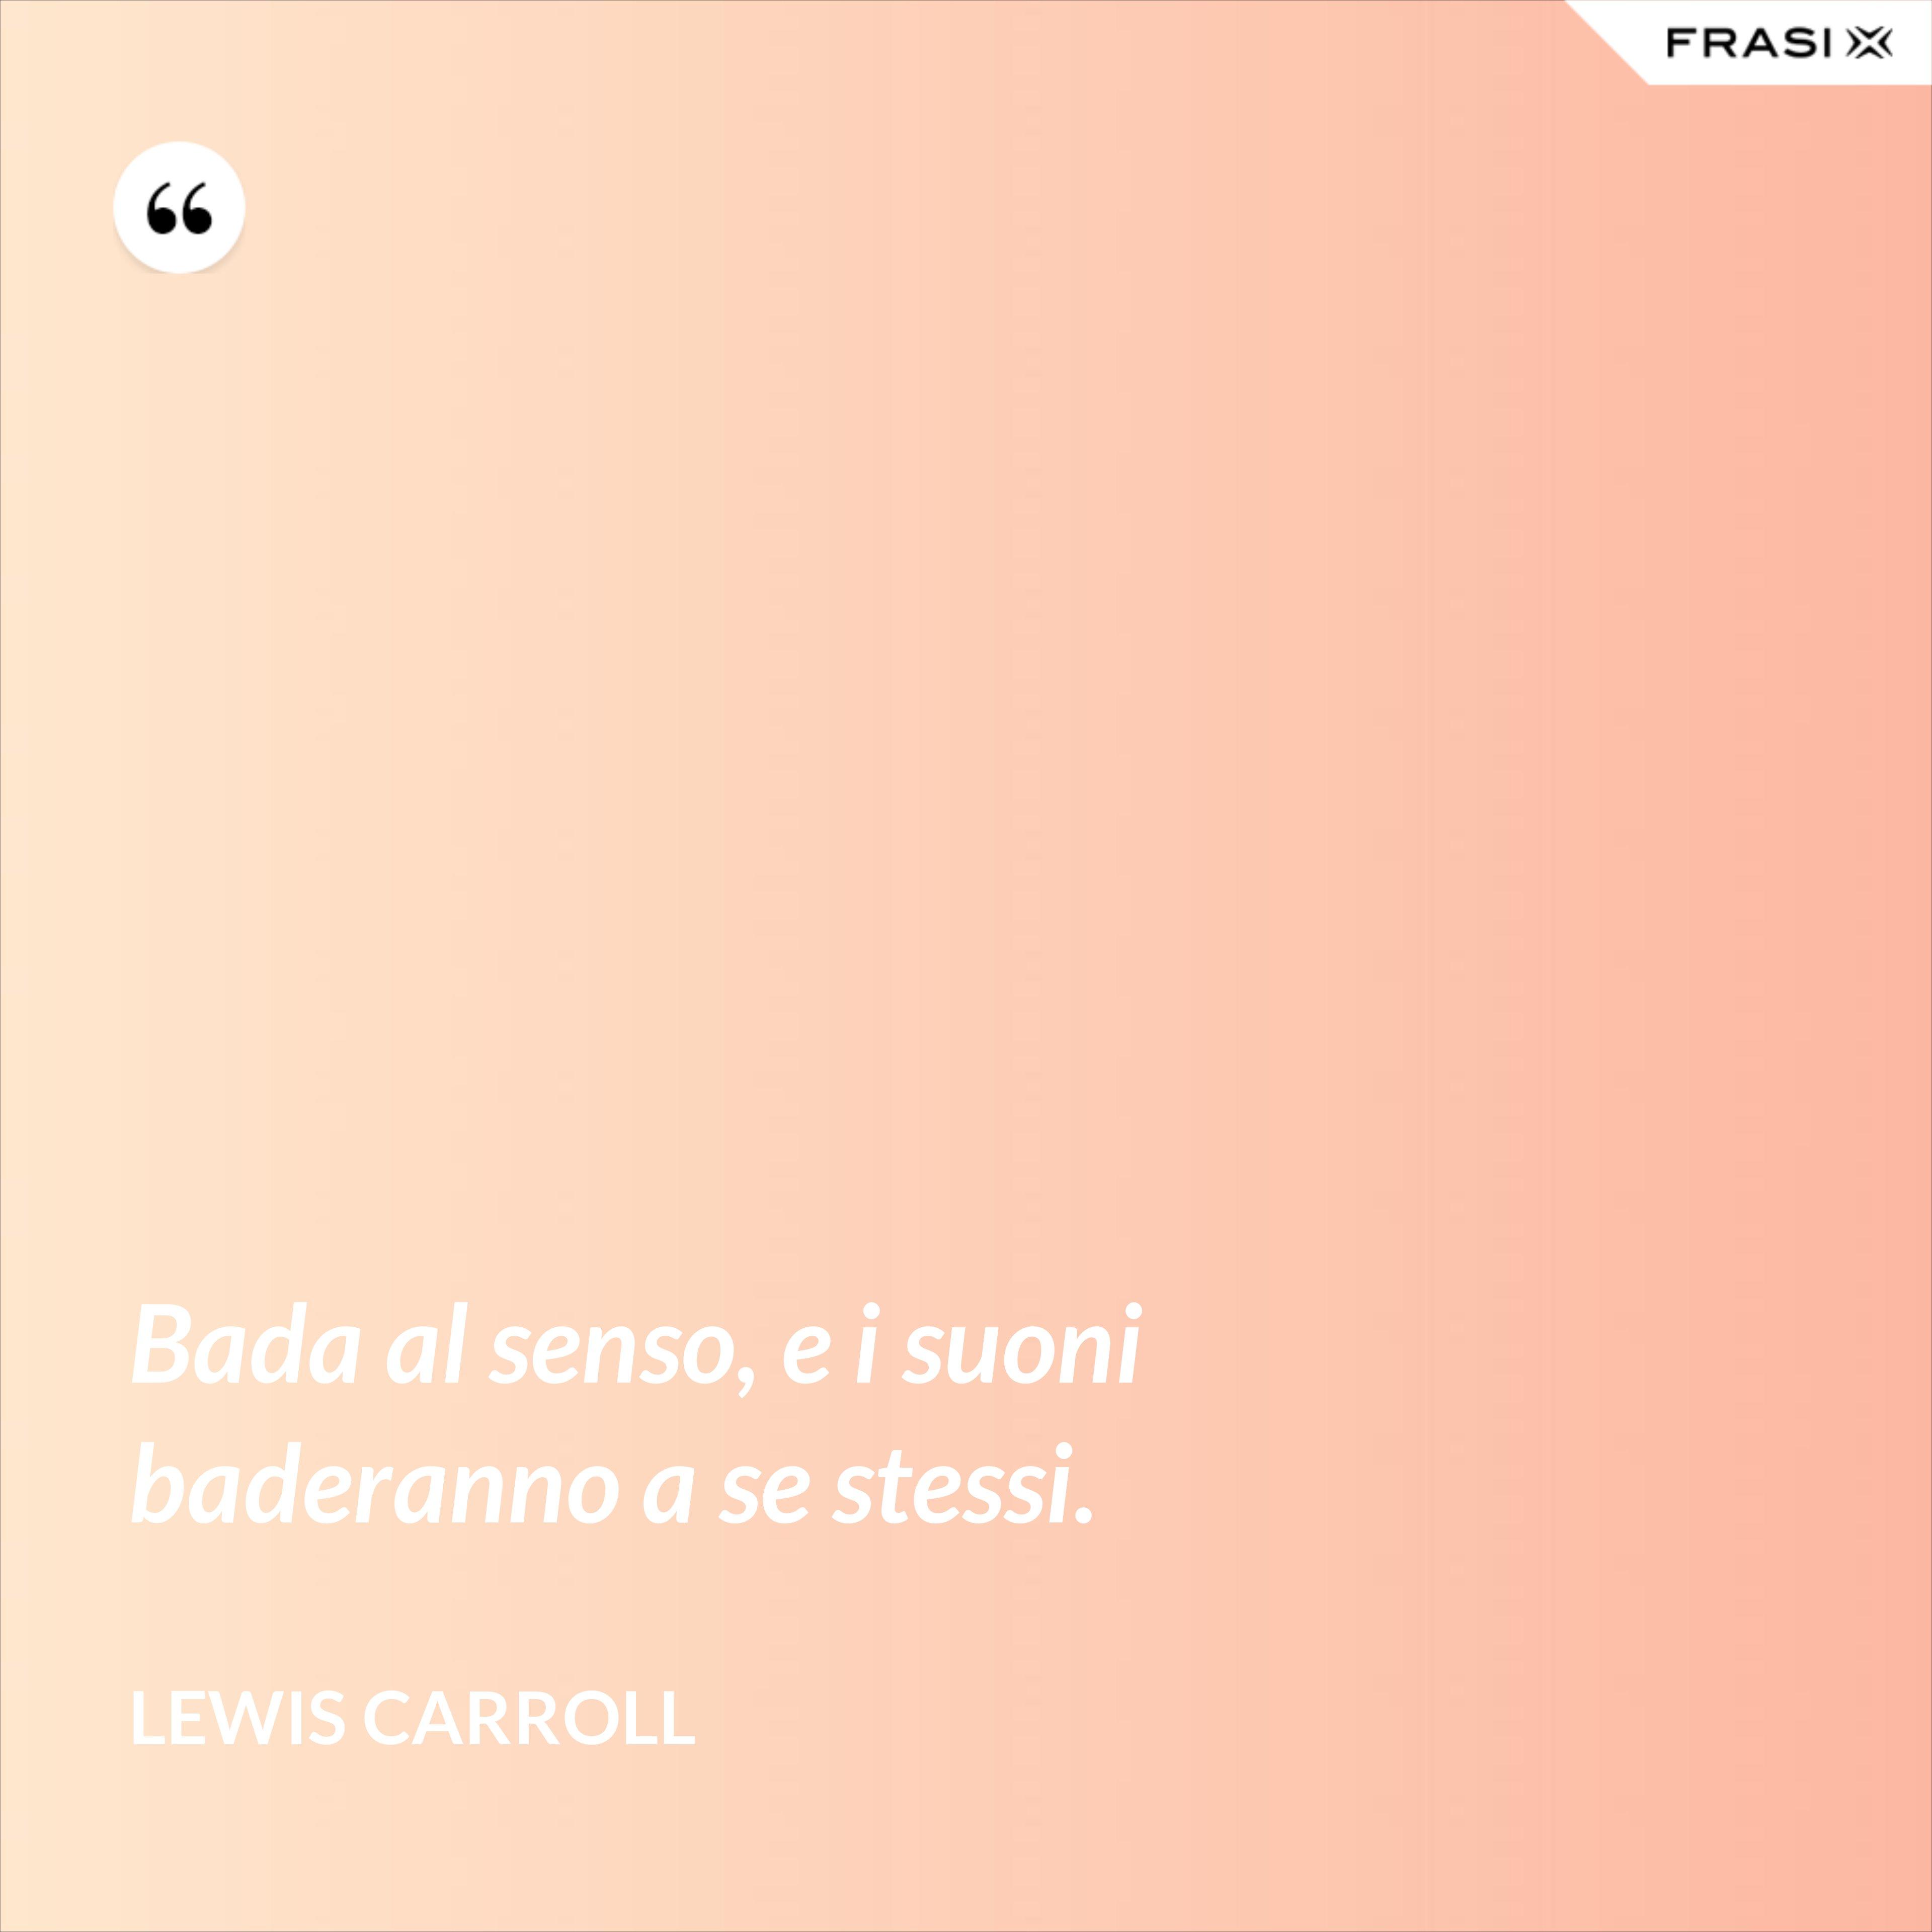 Bada al senso, e i suoni baderanno a se stessi. - Lewis Carroll